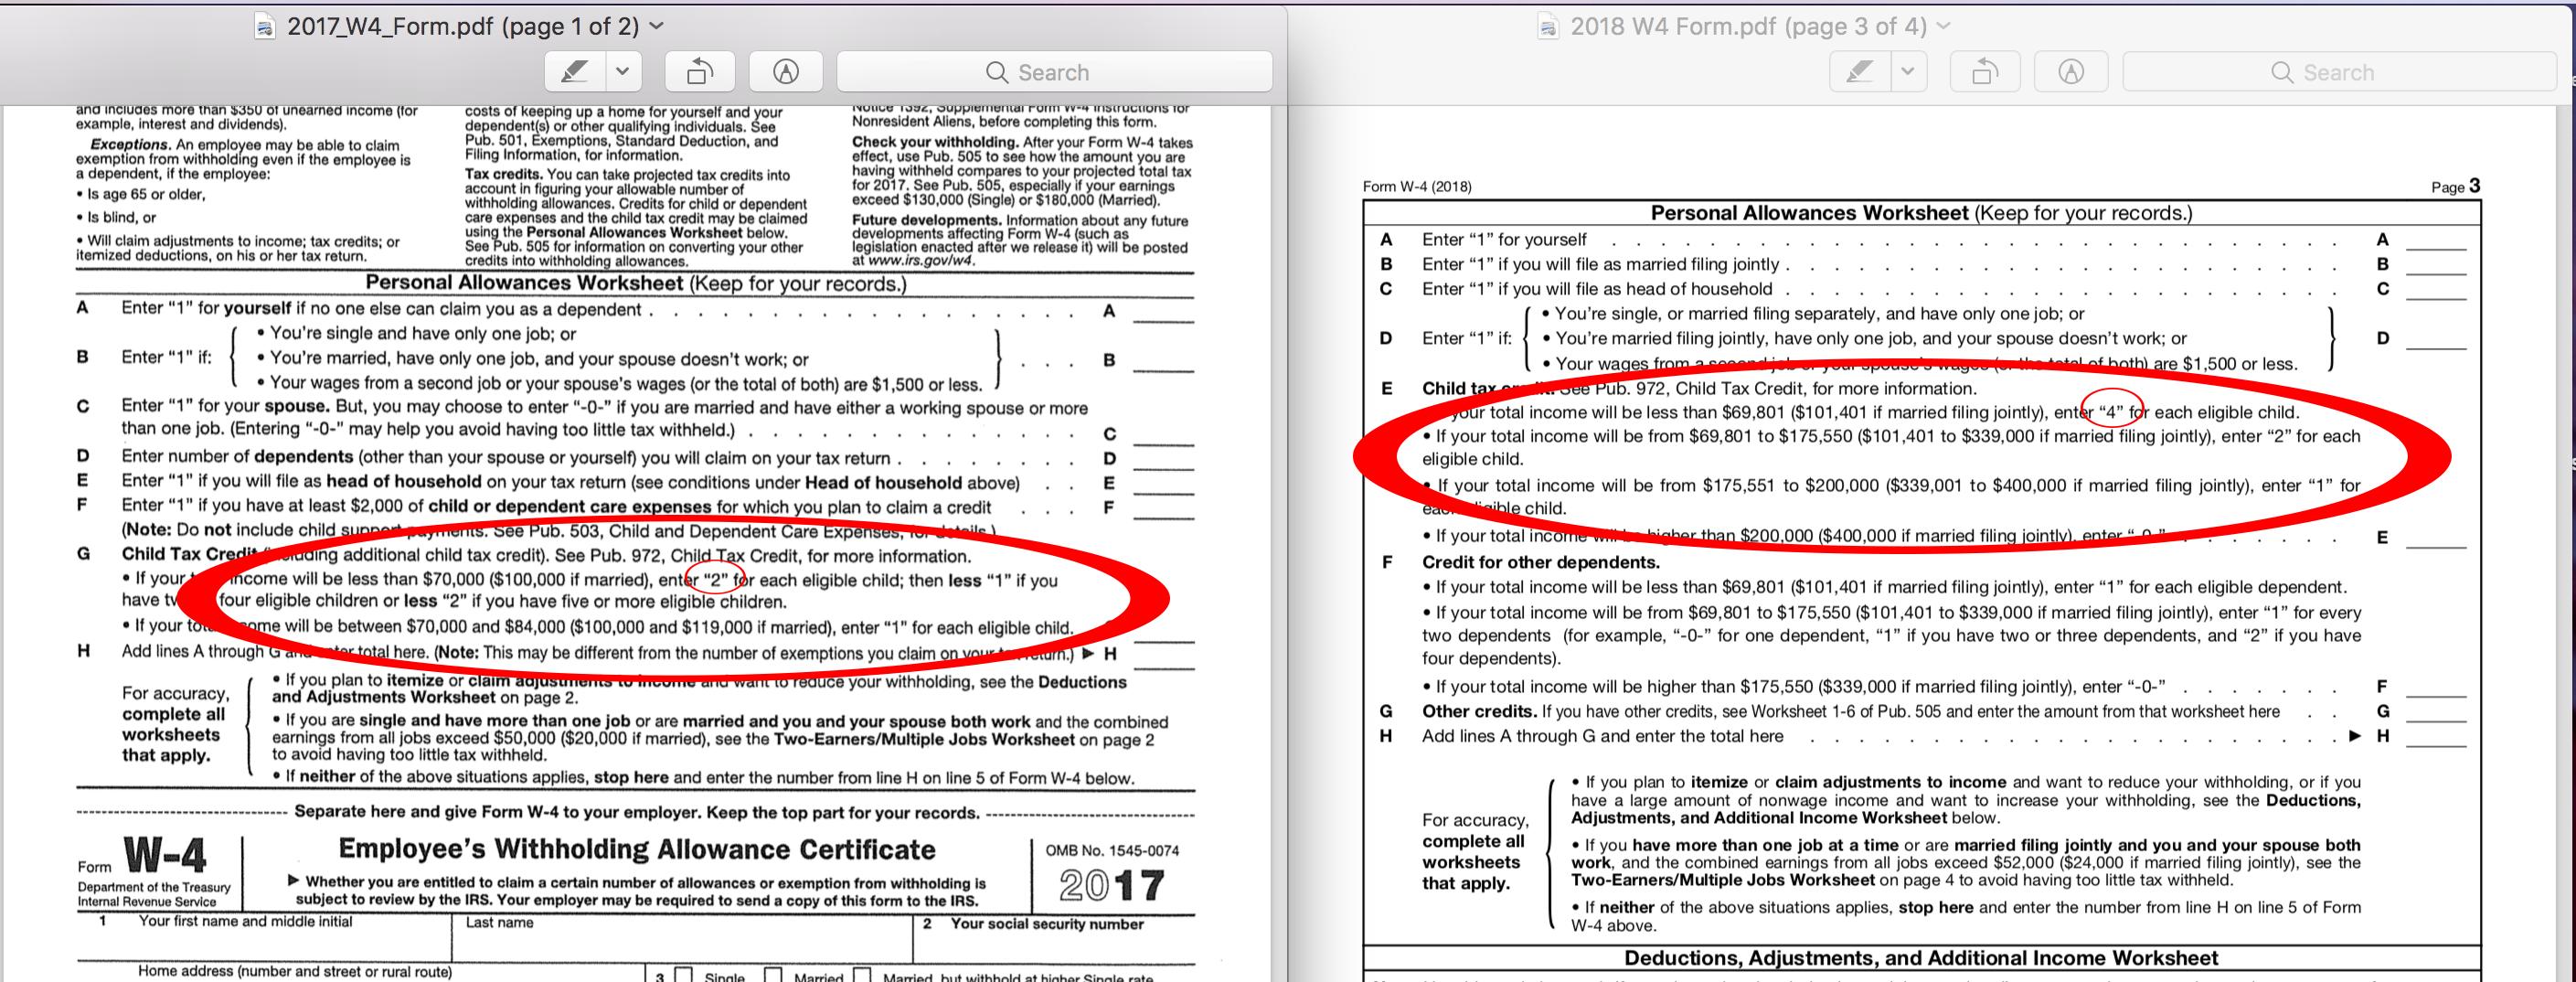 2018 W4 Form - Child Tax Credit, Deduction Changes - Nate Covington